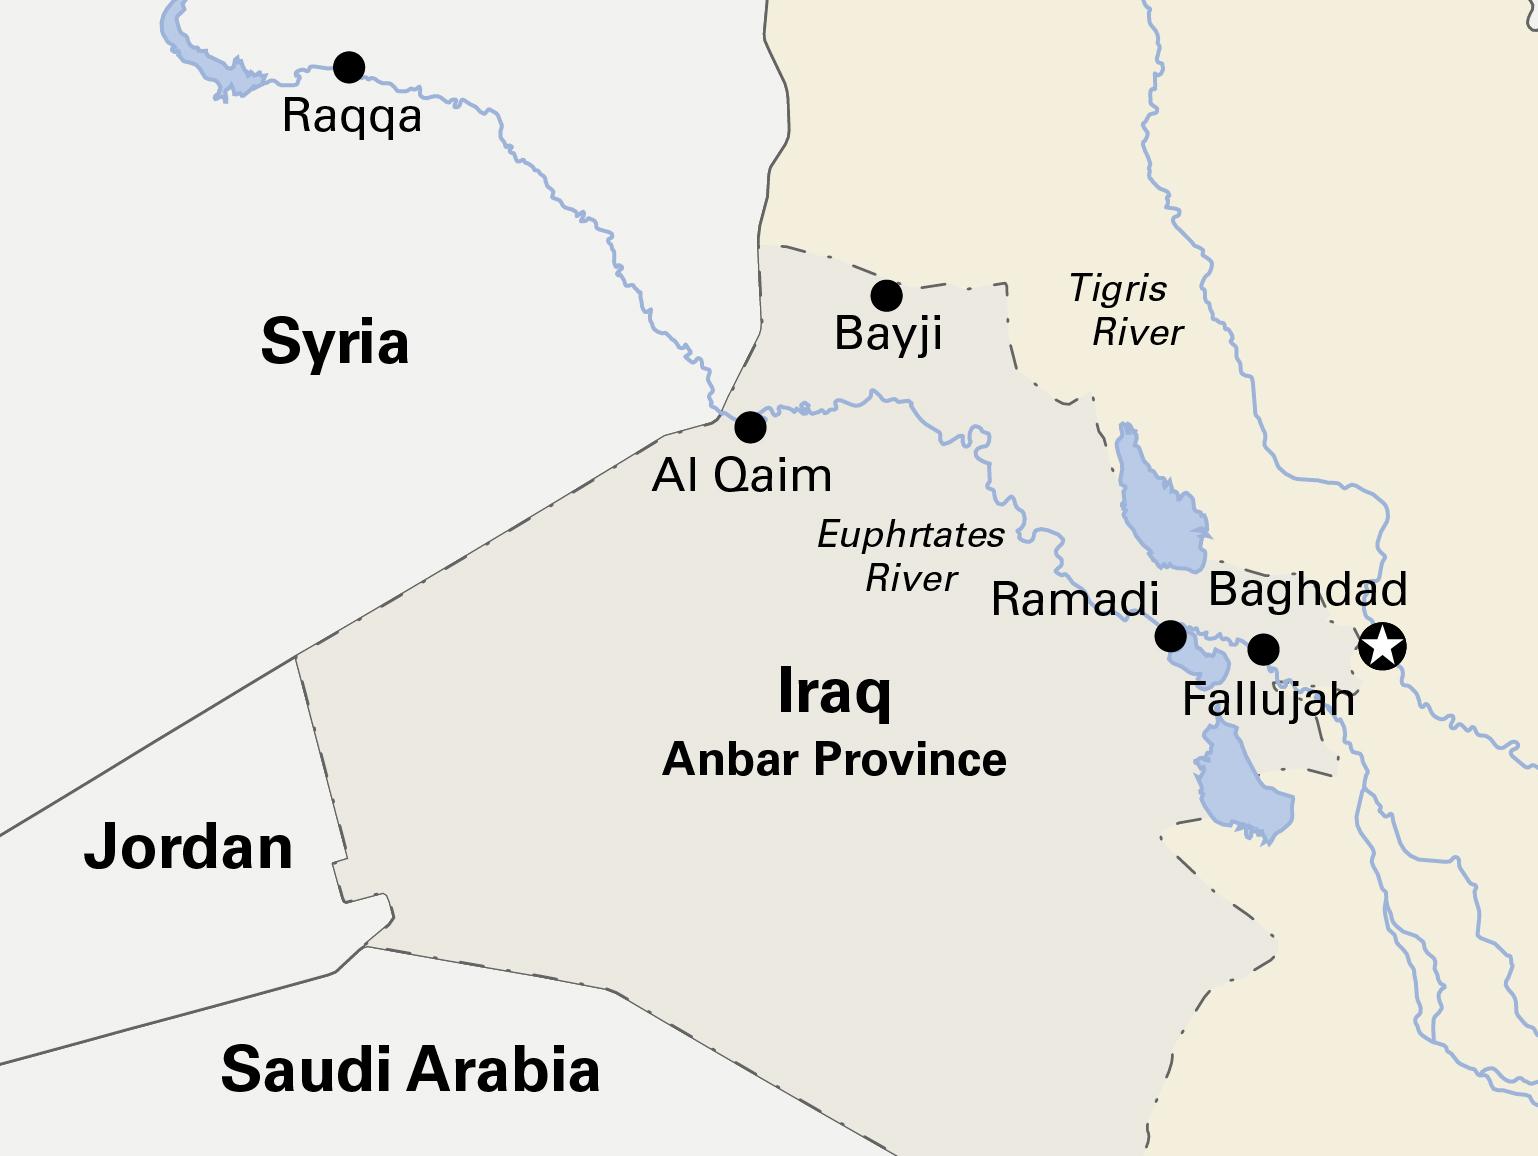 635883943265867043-TNS-for-WEB-Syria-Turkey-Iraq-Map-for-long-form-3-Anbar.jpg